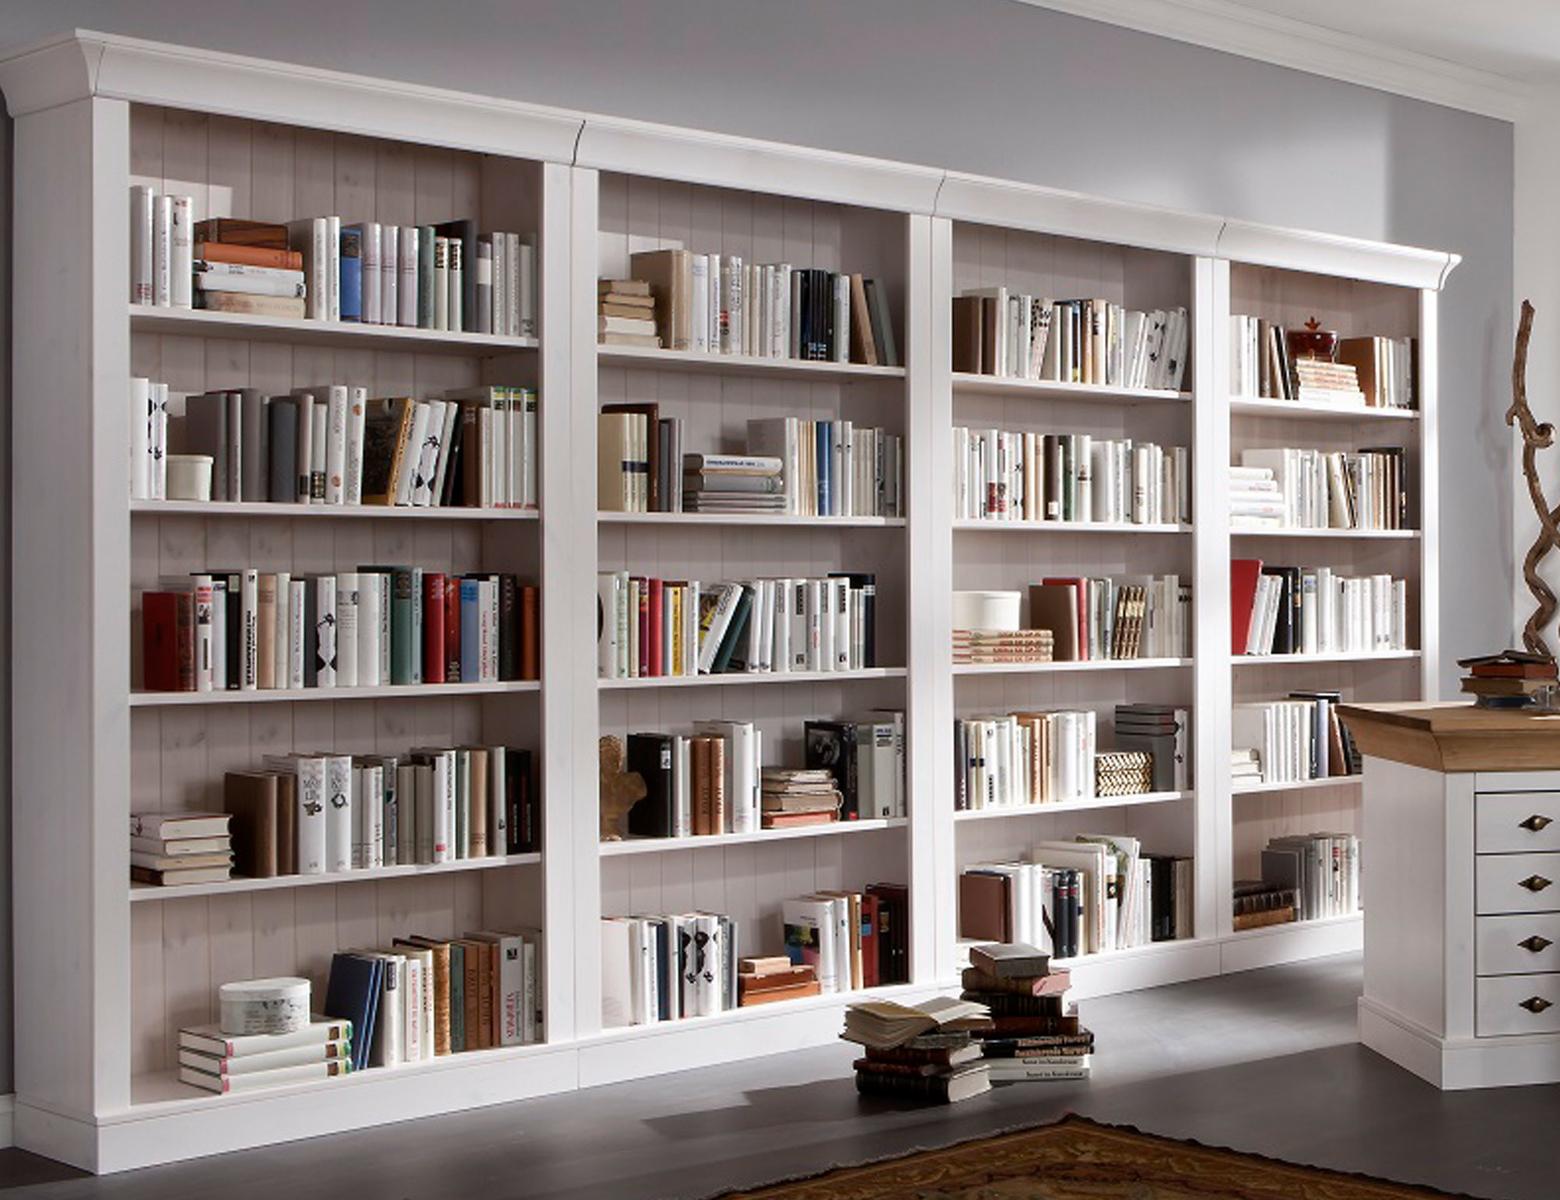 Bücherregal Bergen Landhausstil, Bild 7